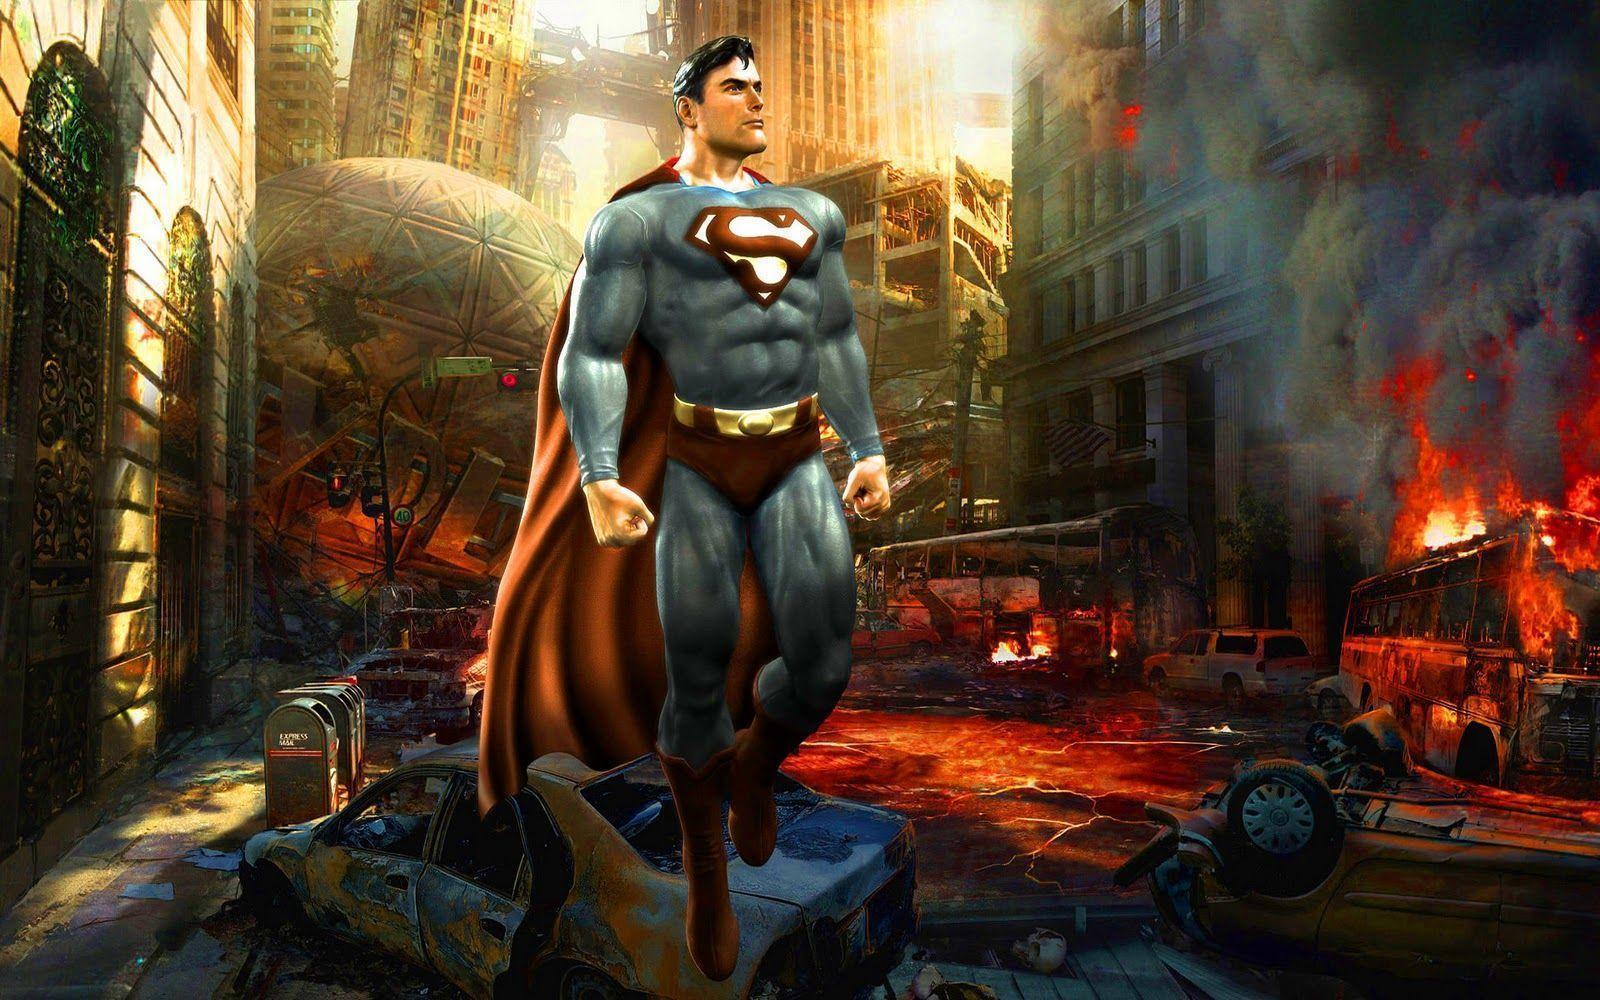 Hd wallpaper superman - Superman Hd Wallpapers Best Wallpaper Fan